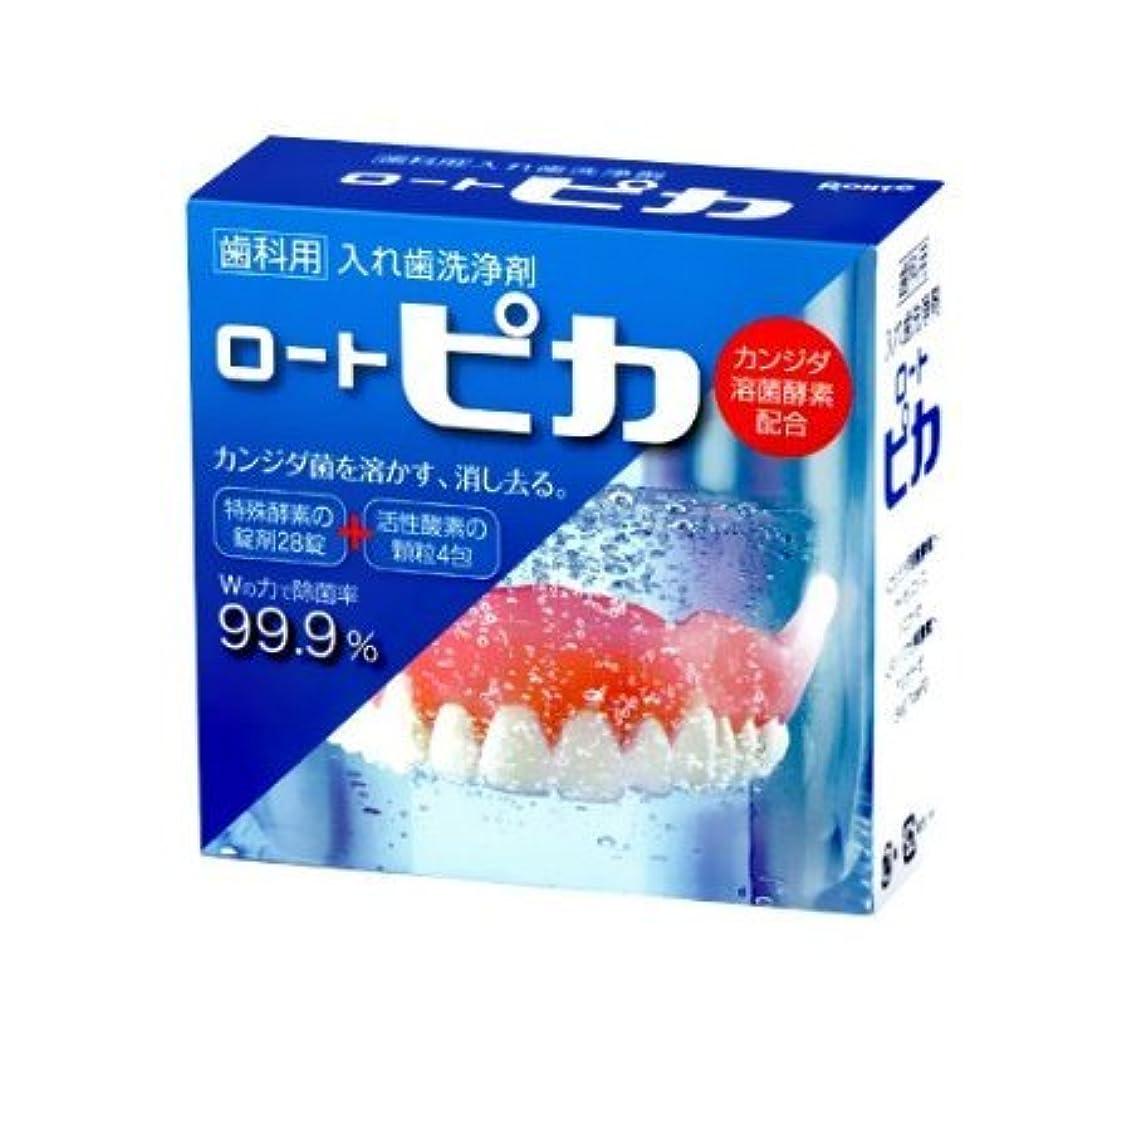 パラダイス興味口ひげ入れ歯洗浄剤 ピカ カンジダ菌を溶菌除去!